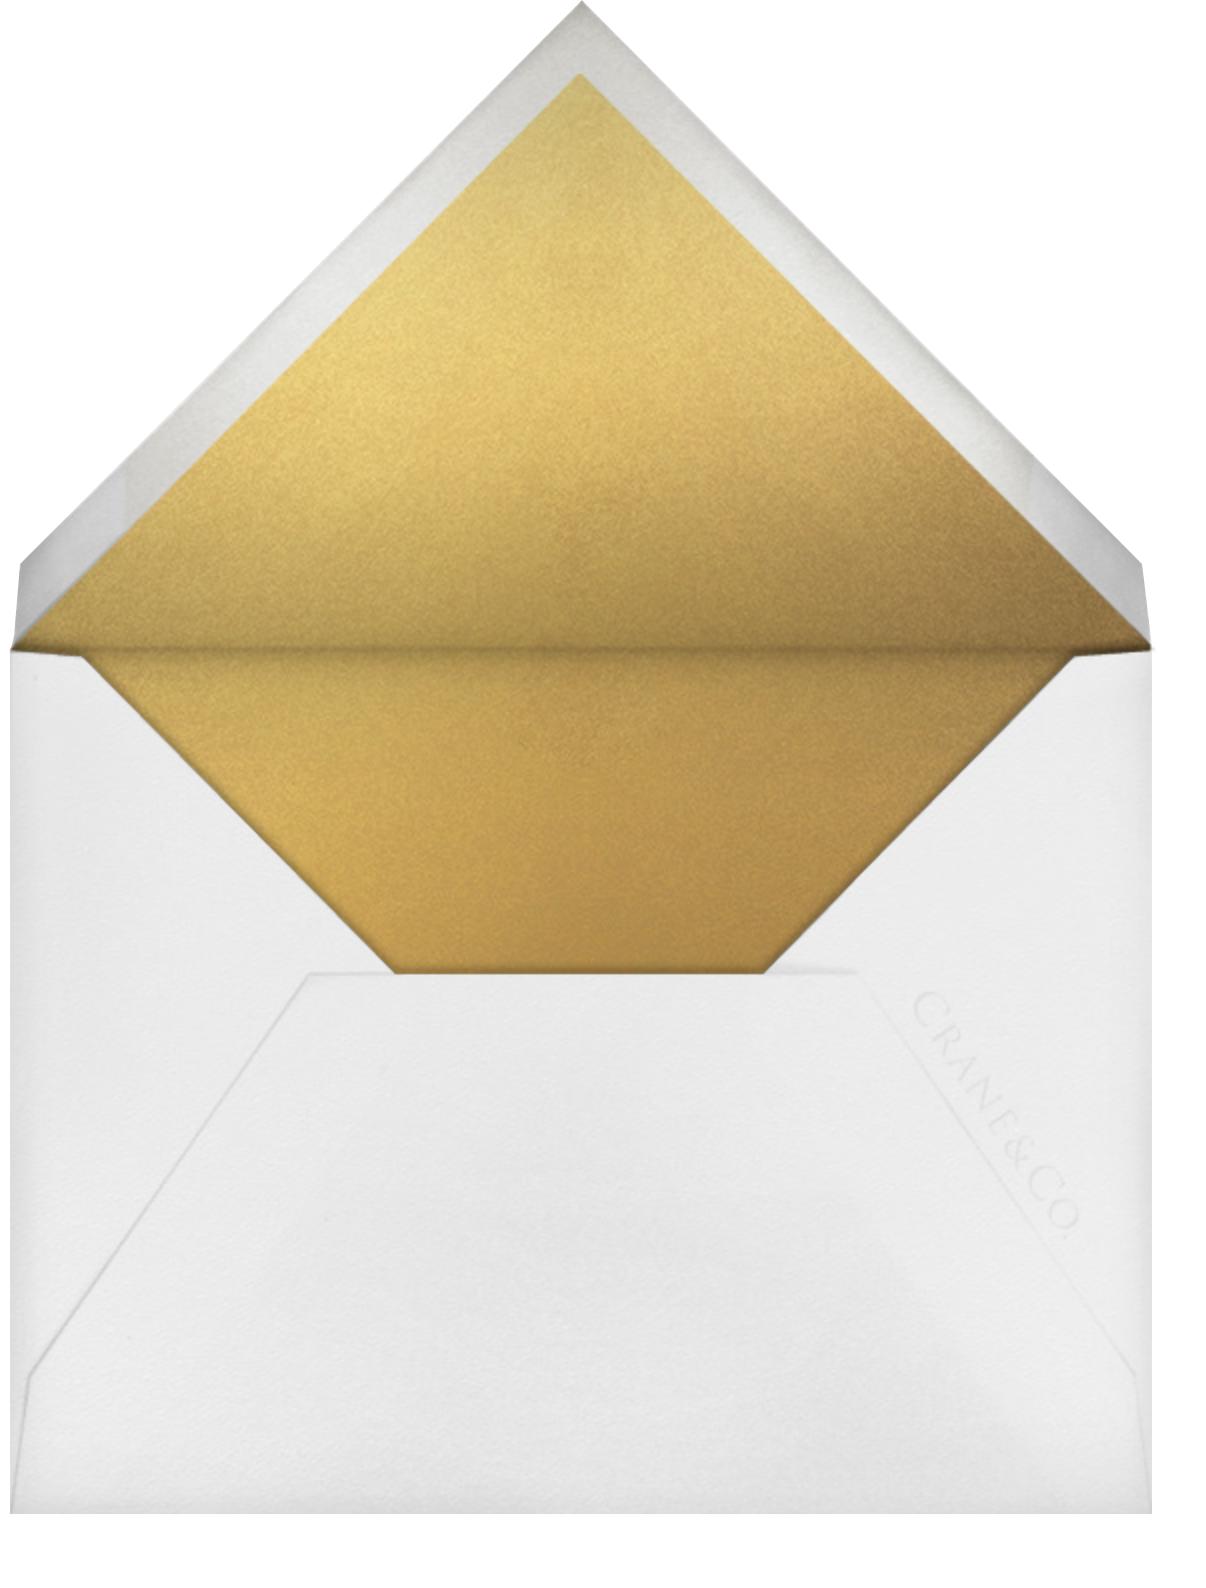 Bethlehem Conifer - Gold - Paperless Post - Holiday cards - envelope back